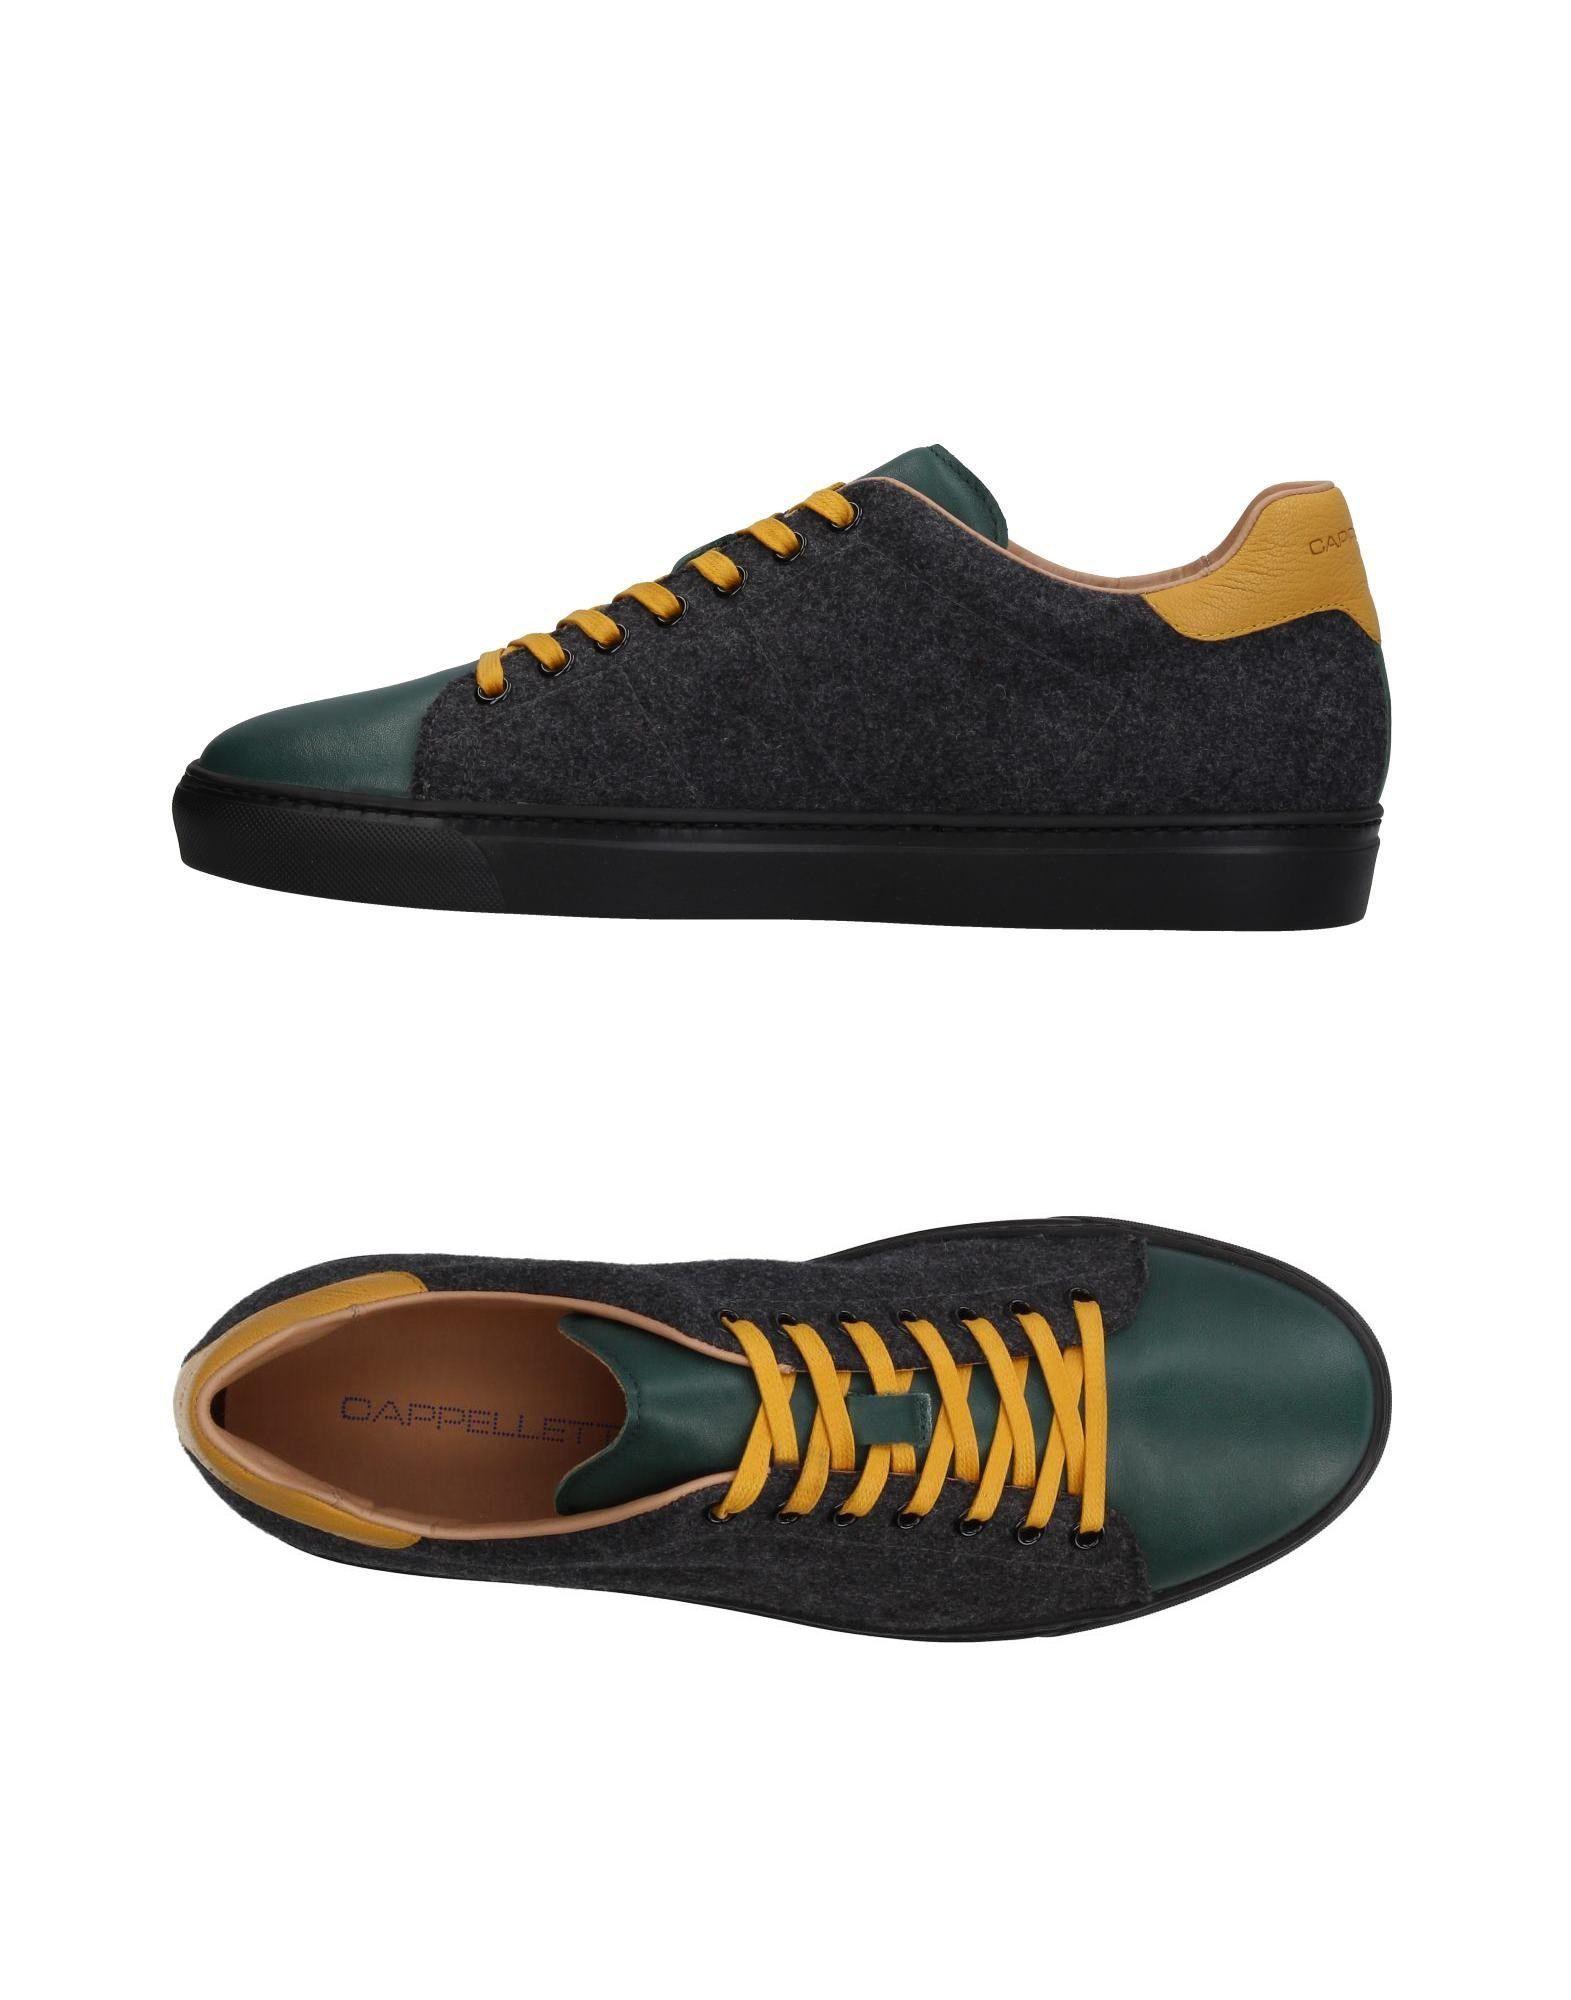 FOOTWEAR - High-tops & sneakers Cappelletti wB9YsgwU